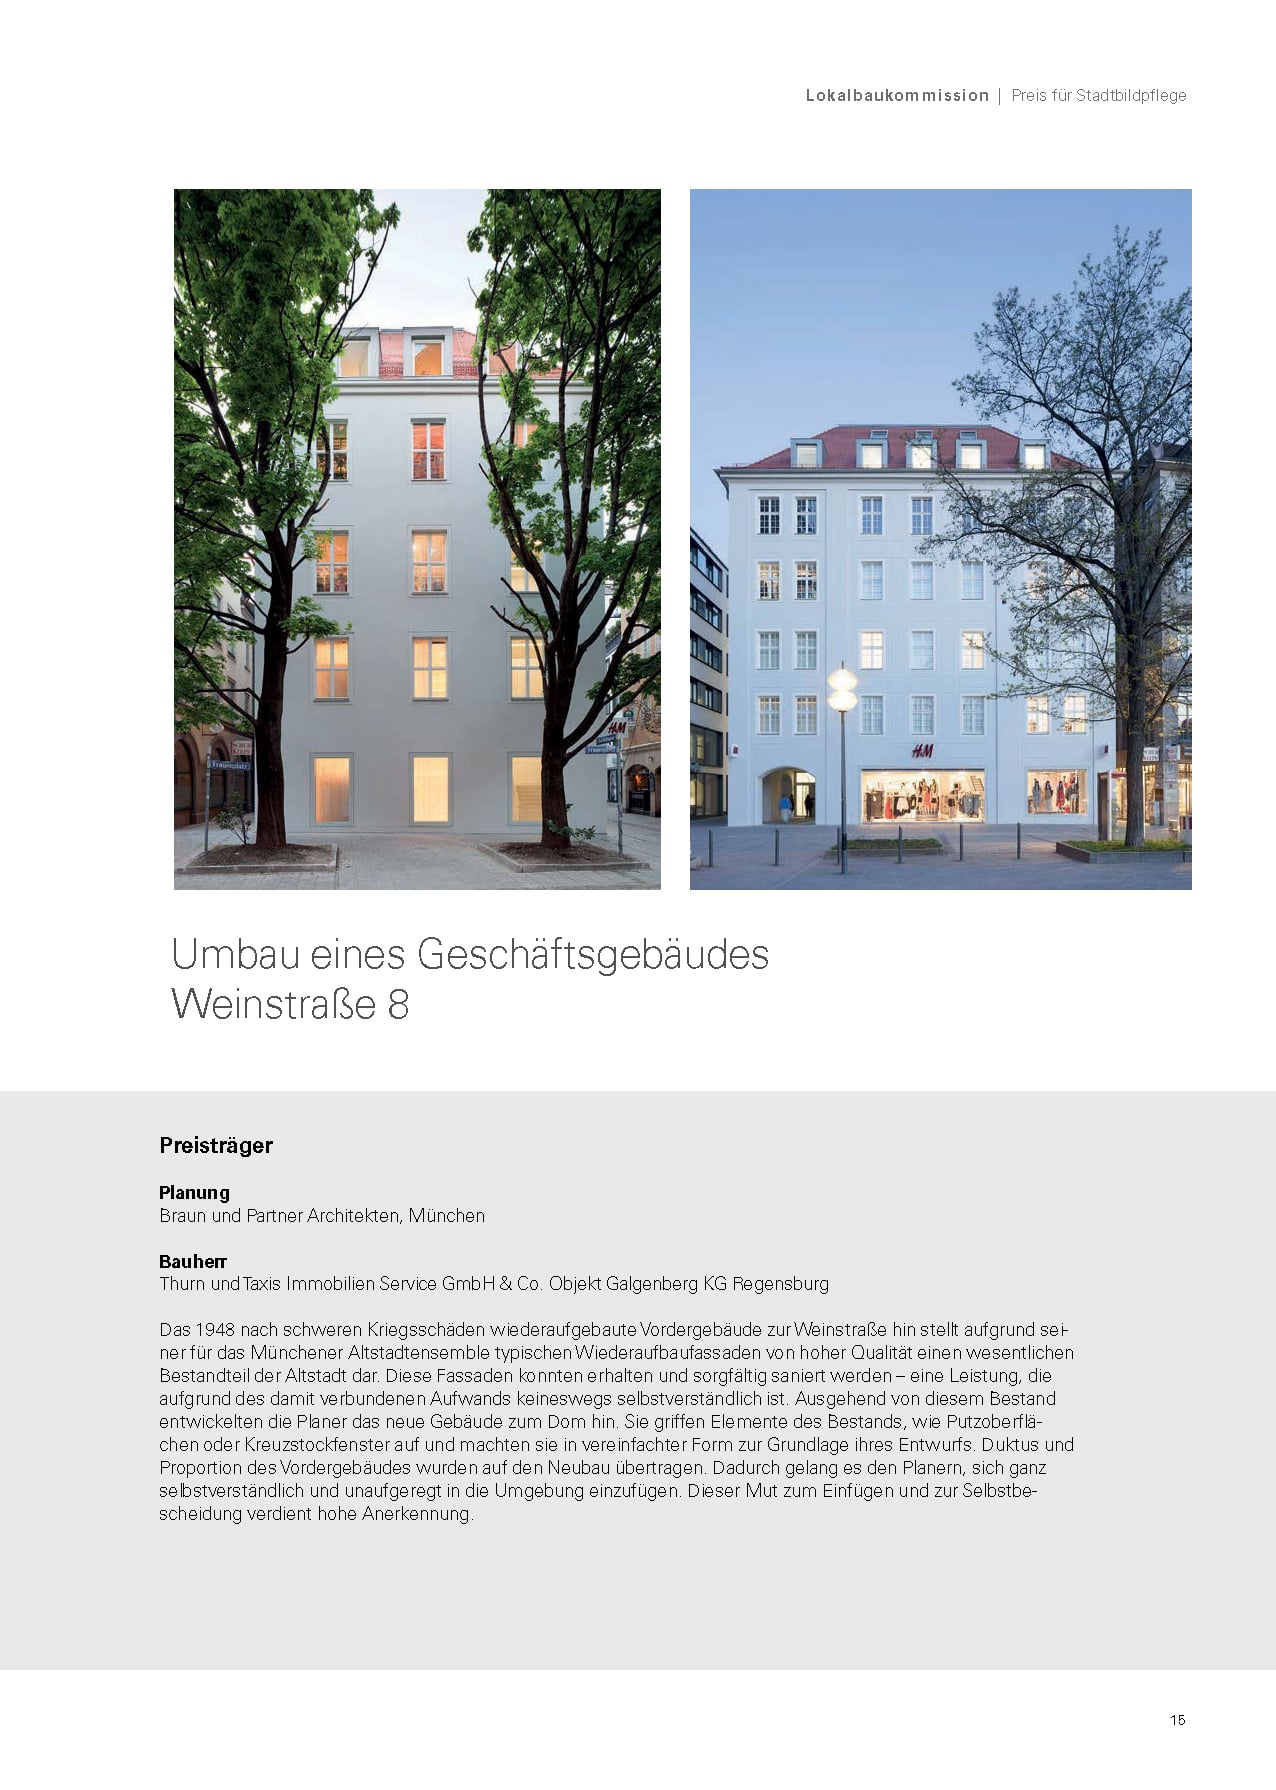 Fassadenpreis Und Preis Für Stadtbildpflege Braun Architekten